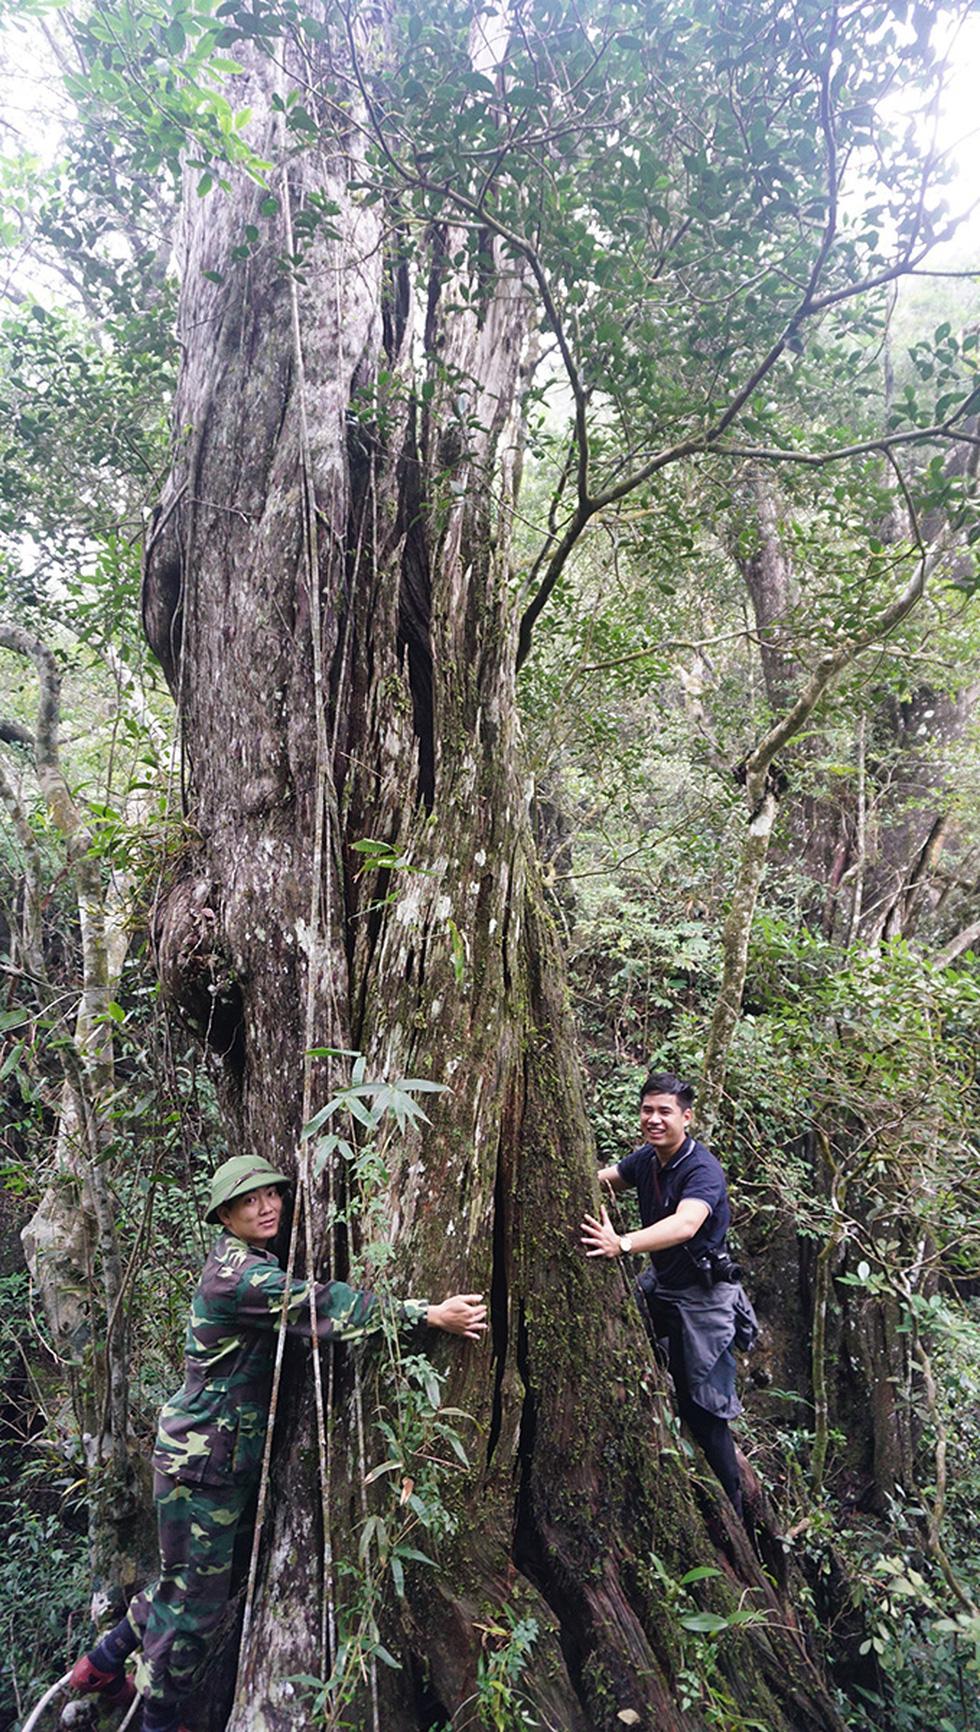 Phóng sự đường rừng: Đi tìm rừng thiêng - Kỳ cuối: Giải mã linh mộc - Ảnh 1.